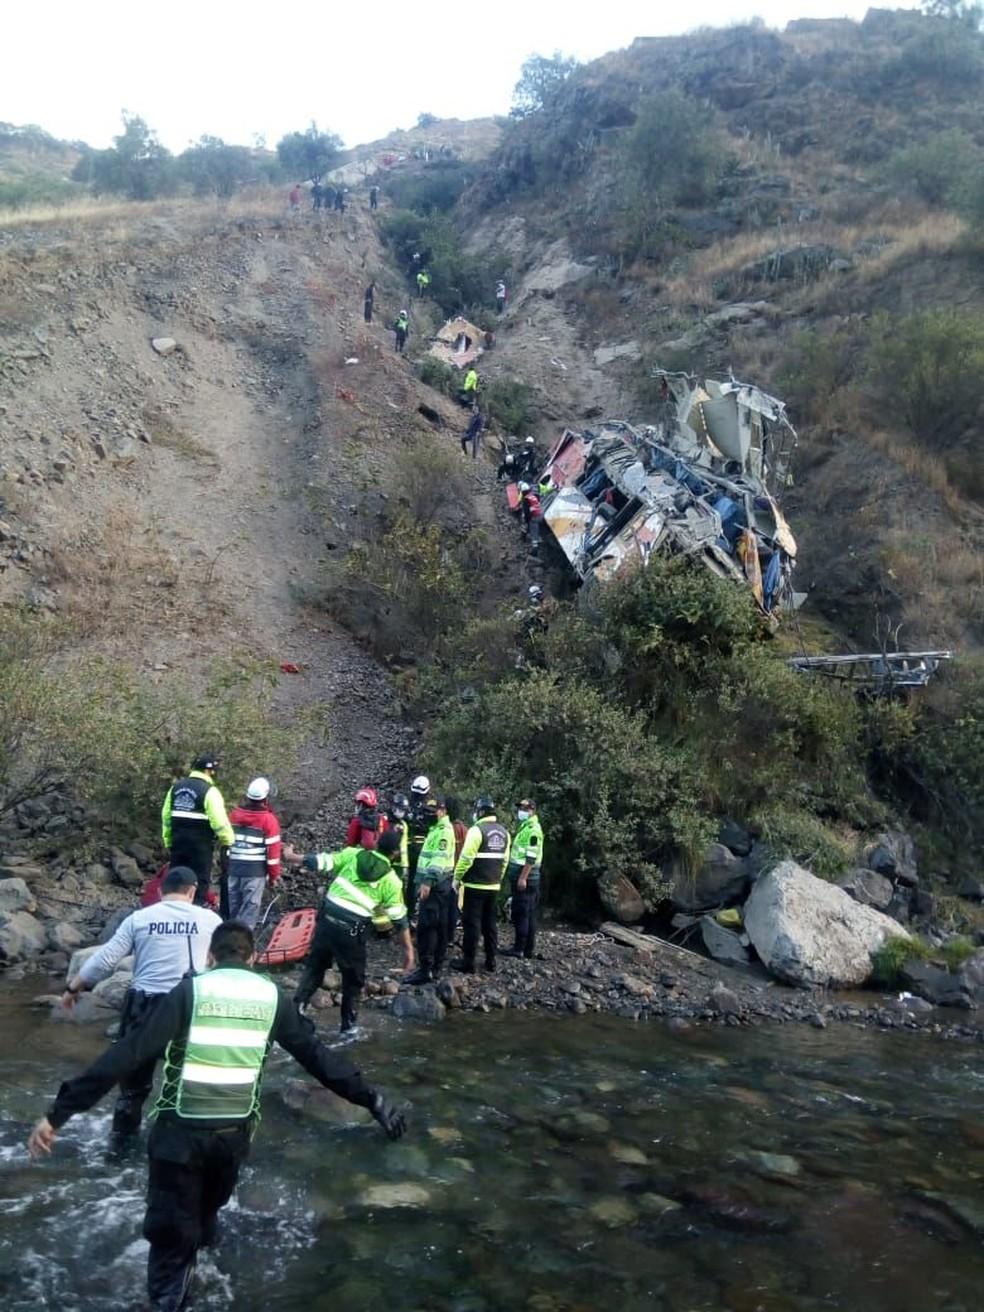 Equipes de resgate atuam em acidente de ônibus no Peru em 31 de agosto de 2021 — Foto: Reprodução/Ministério do Interior